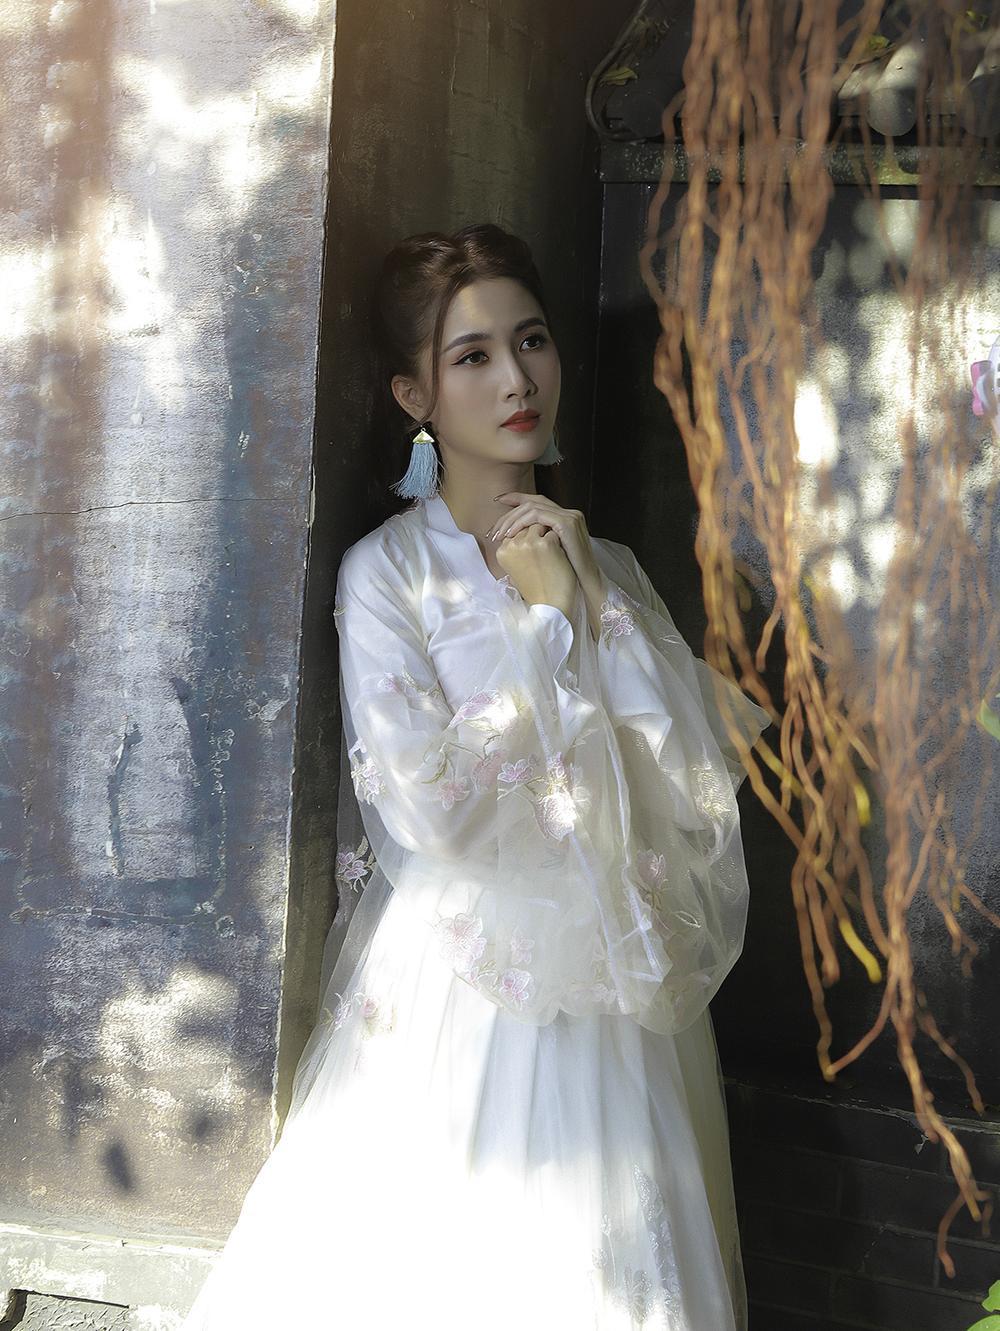 Phan Thị Mơ hóa tiên nữ, hững hờ thềm ngực quyến rũ mê hồn Ảnh 11